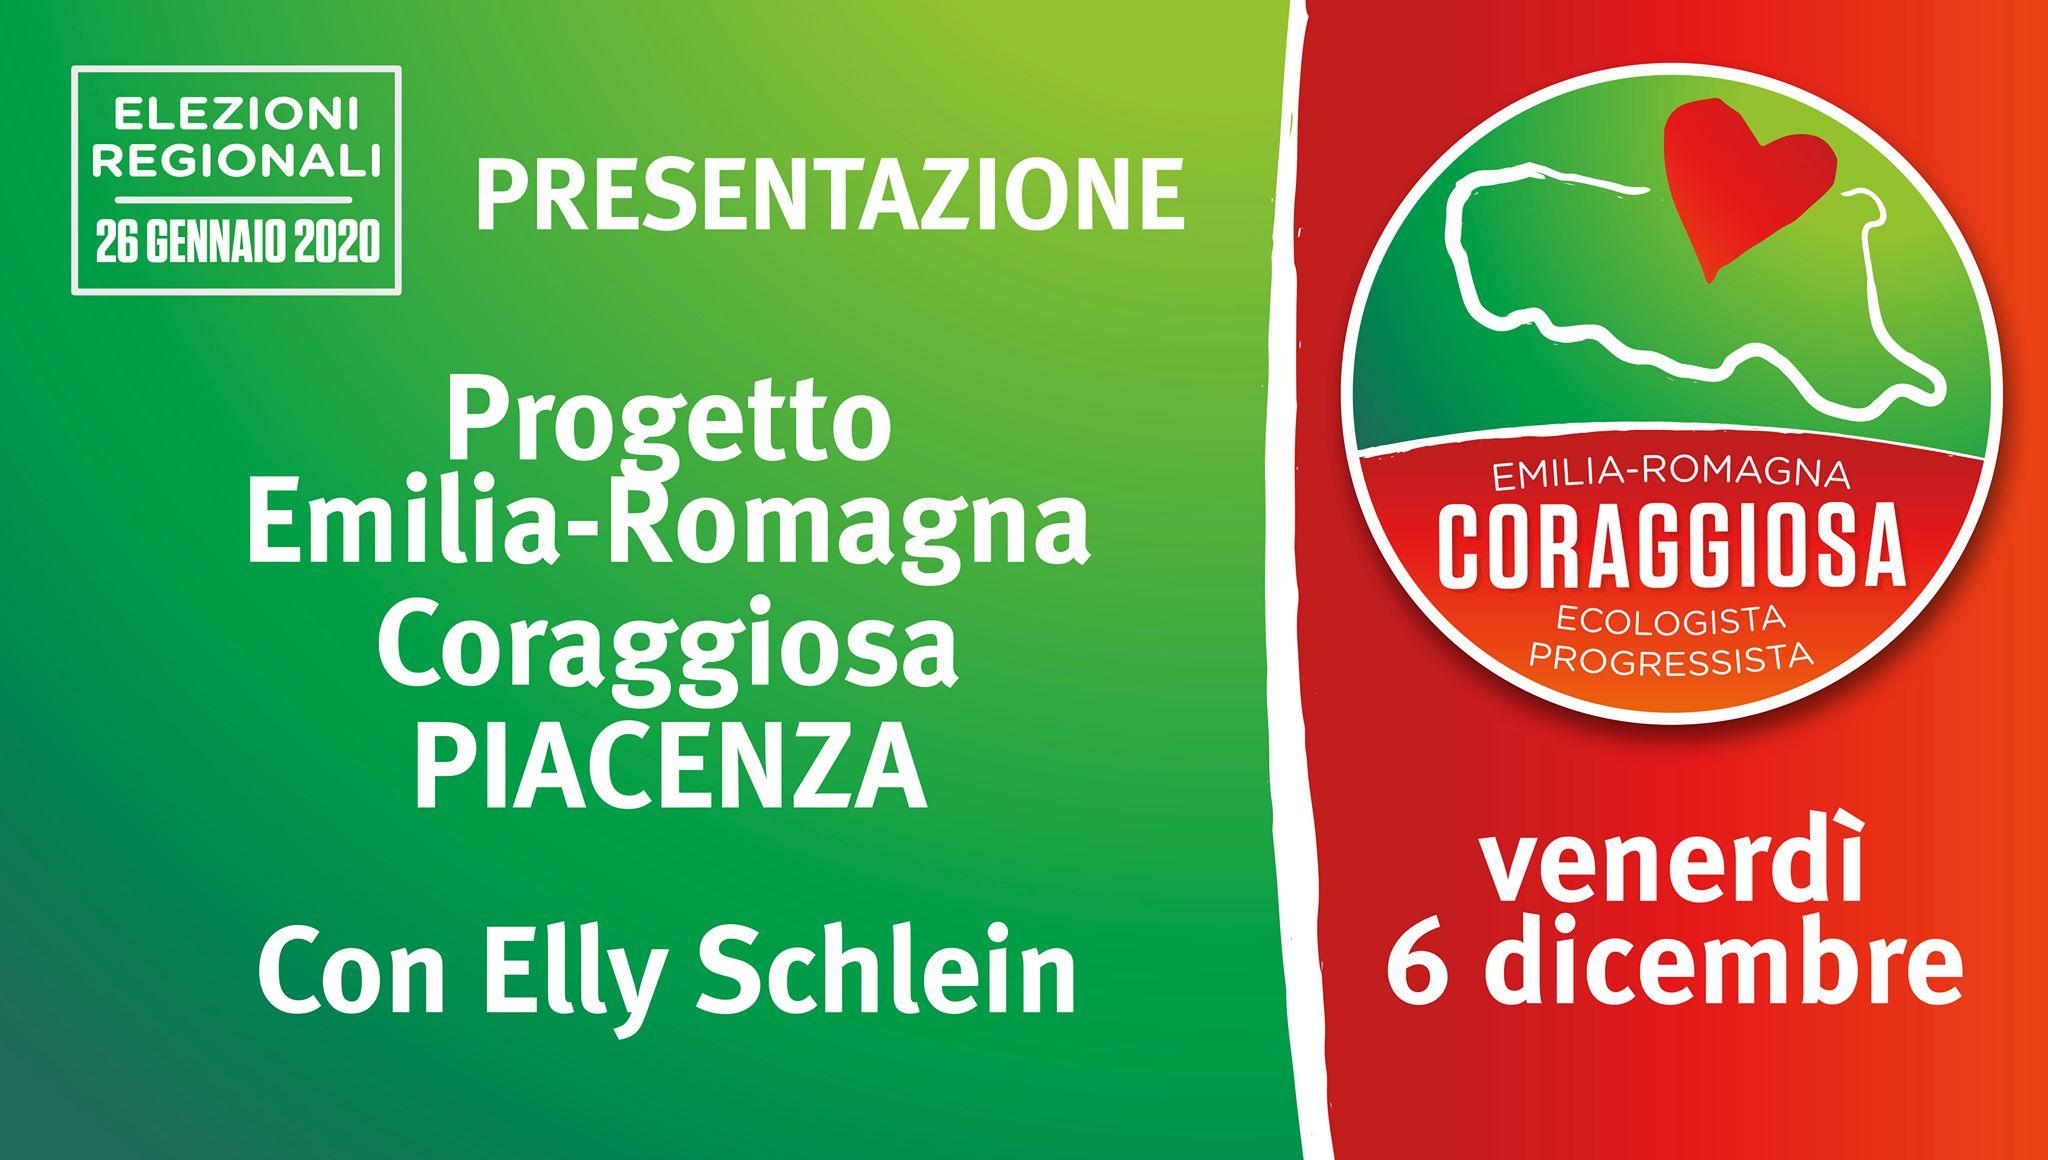 Presentazione di Emilia-Romagna Coraggiosa con Elly Schlein